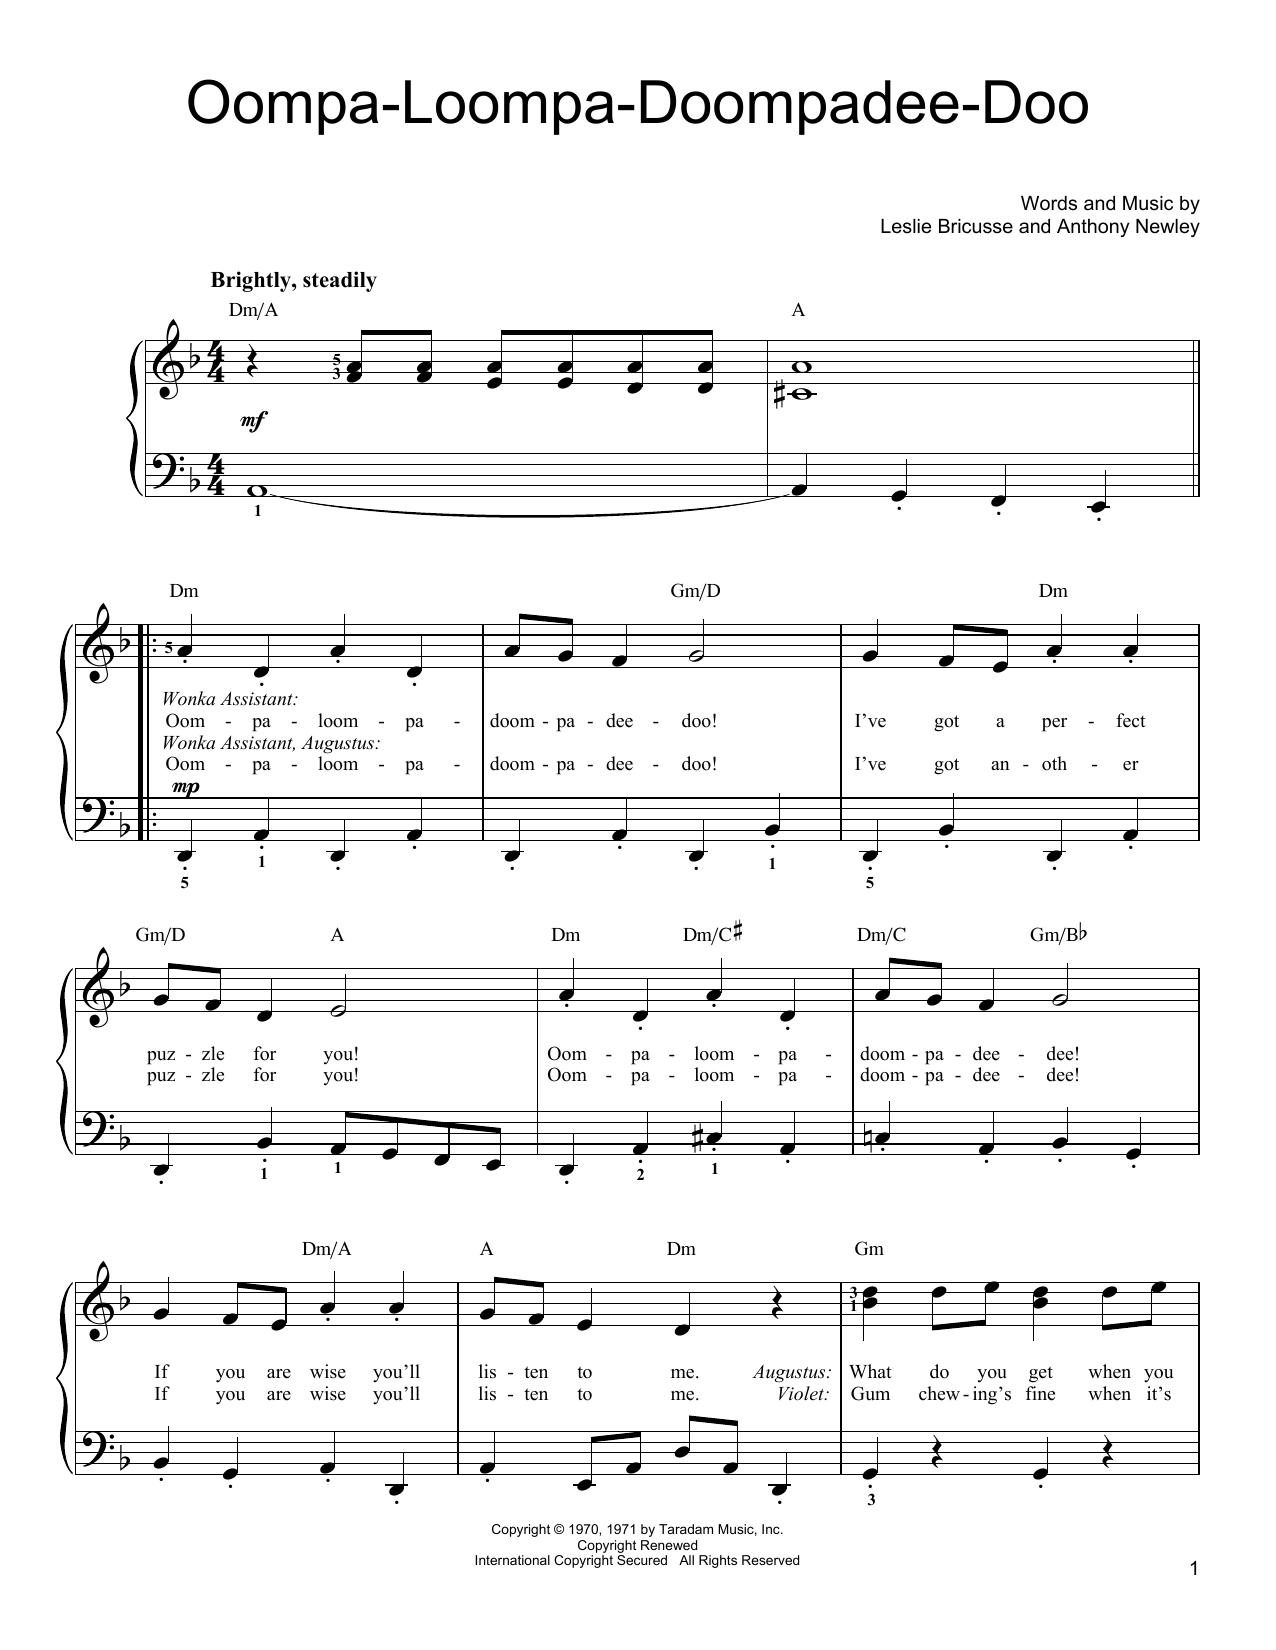 Oompa-Loompa-Doompadee-Doo Sheet Music